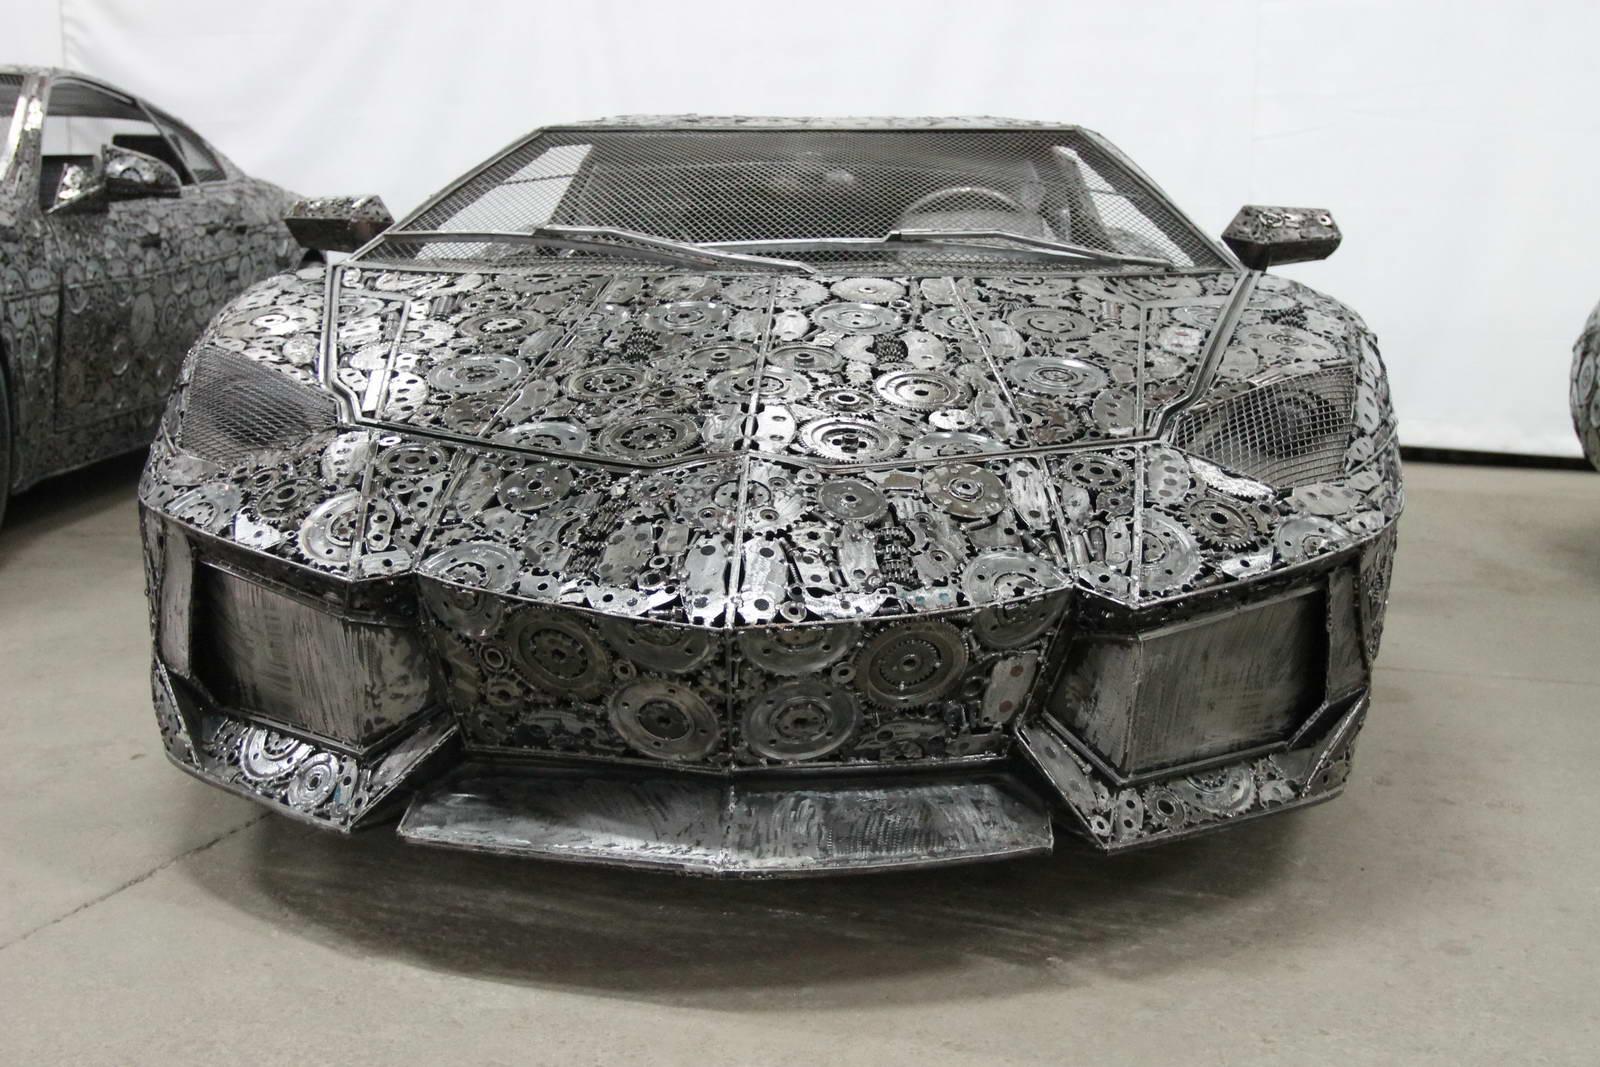 Steel Scrap Metal : Artists recycle scrap metal into amazing life size